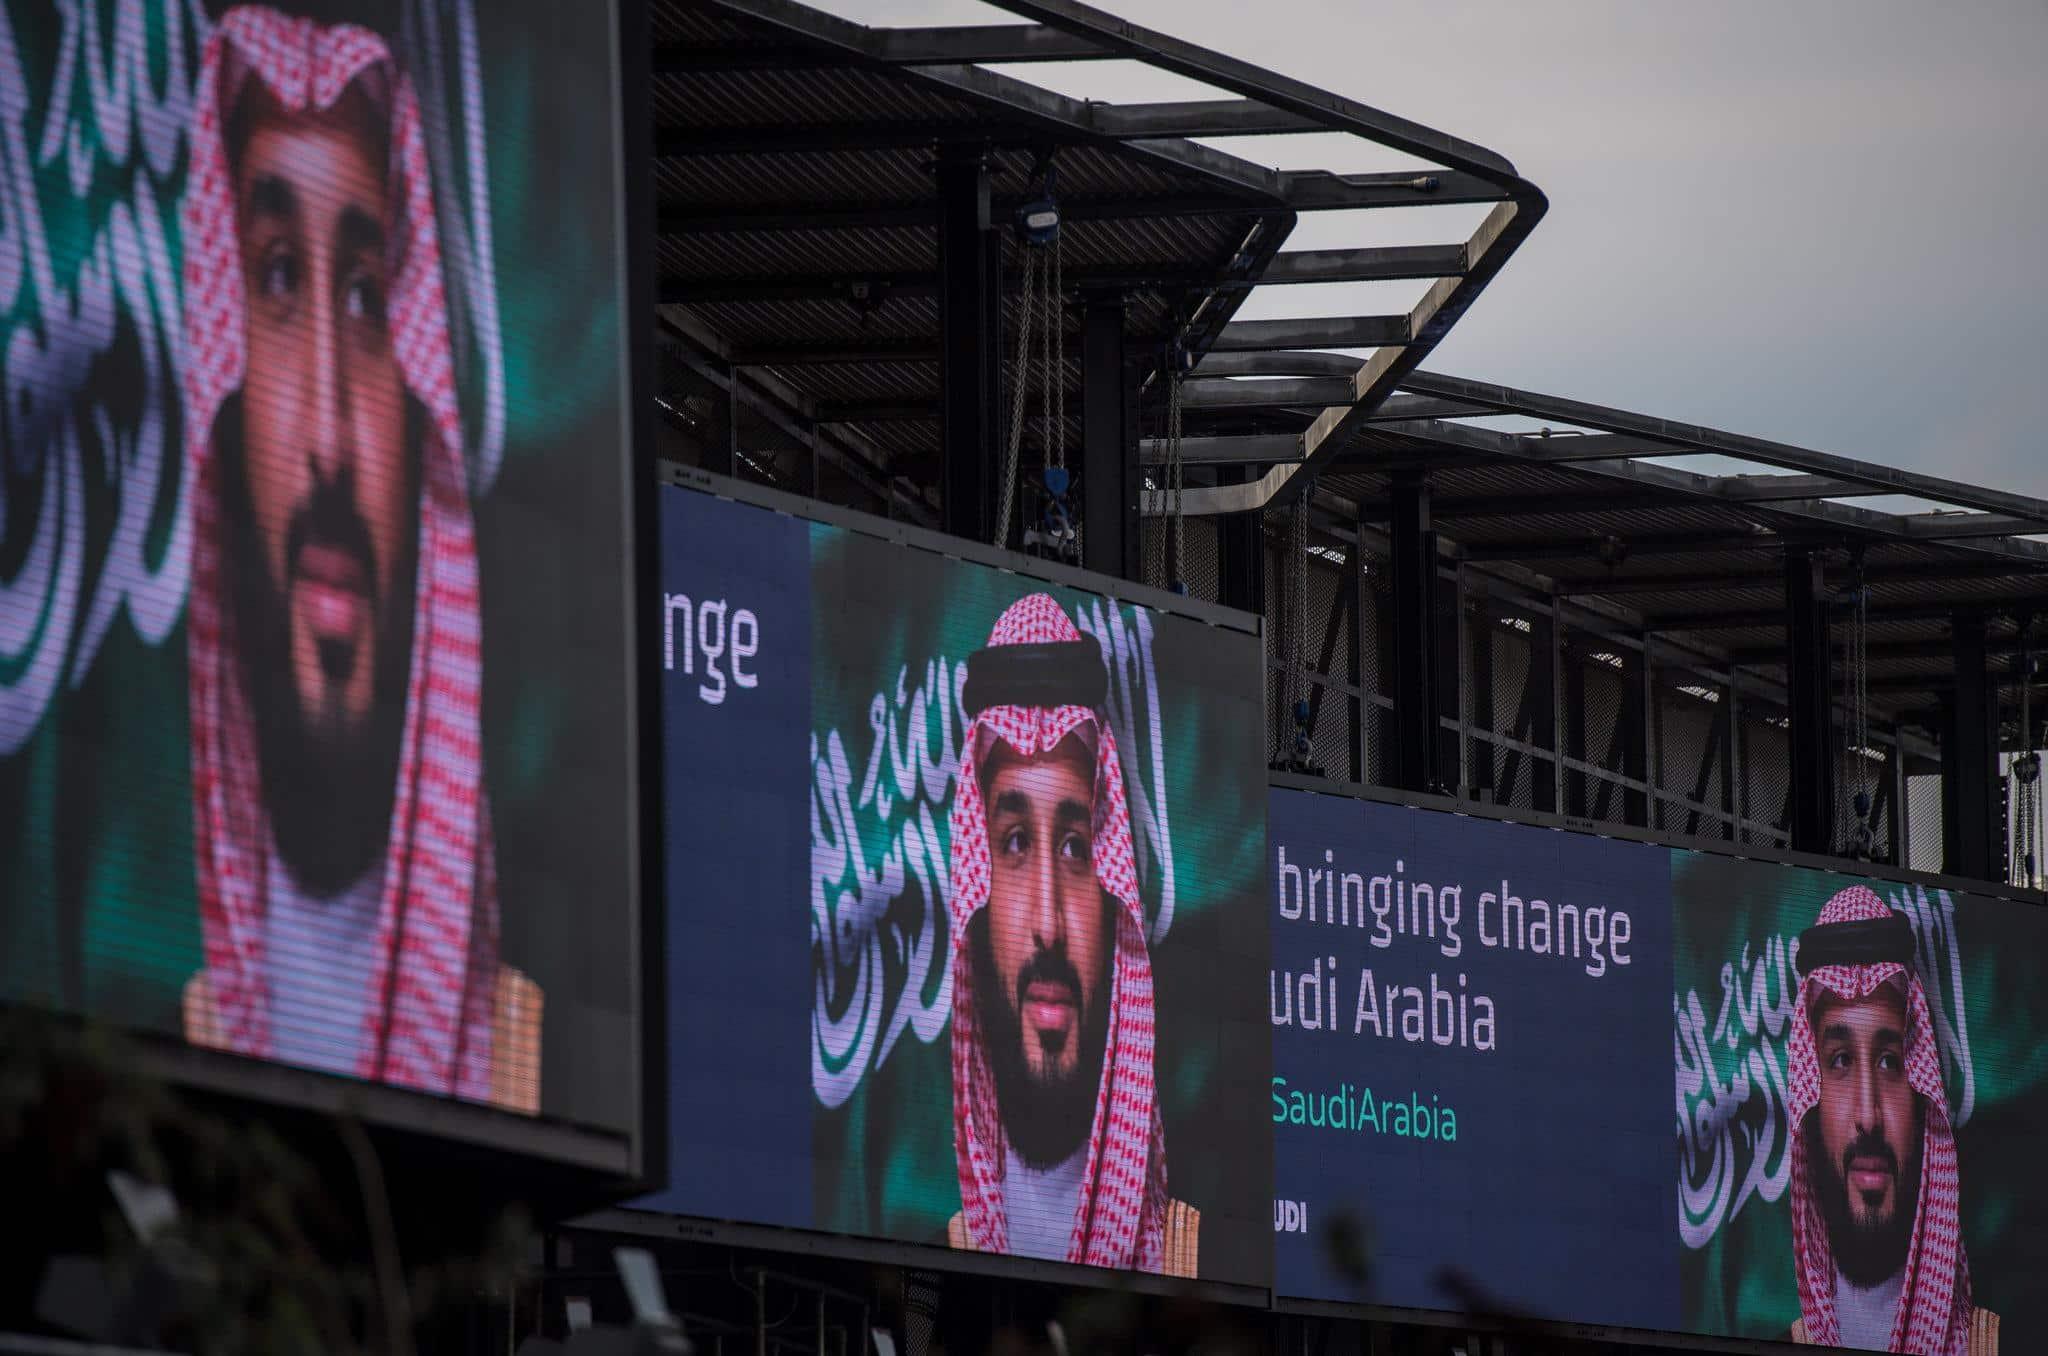 لندن تمنع ترويج اعلانات للسعودية والامارات وباكستان في مواصلاتها